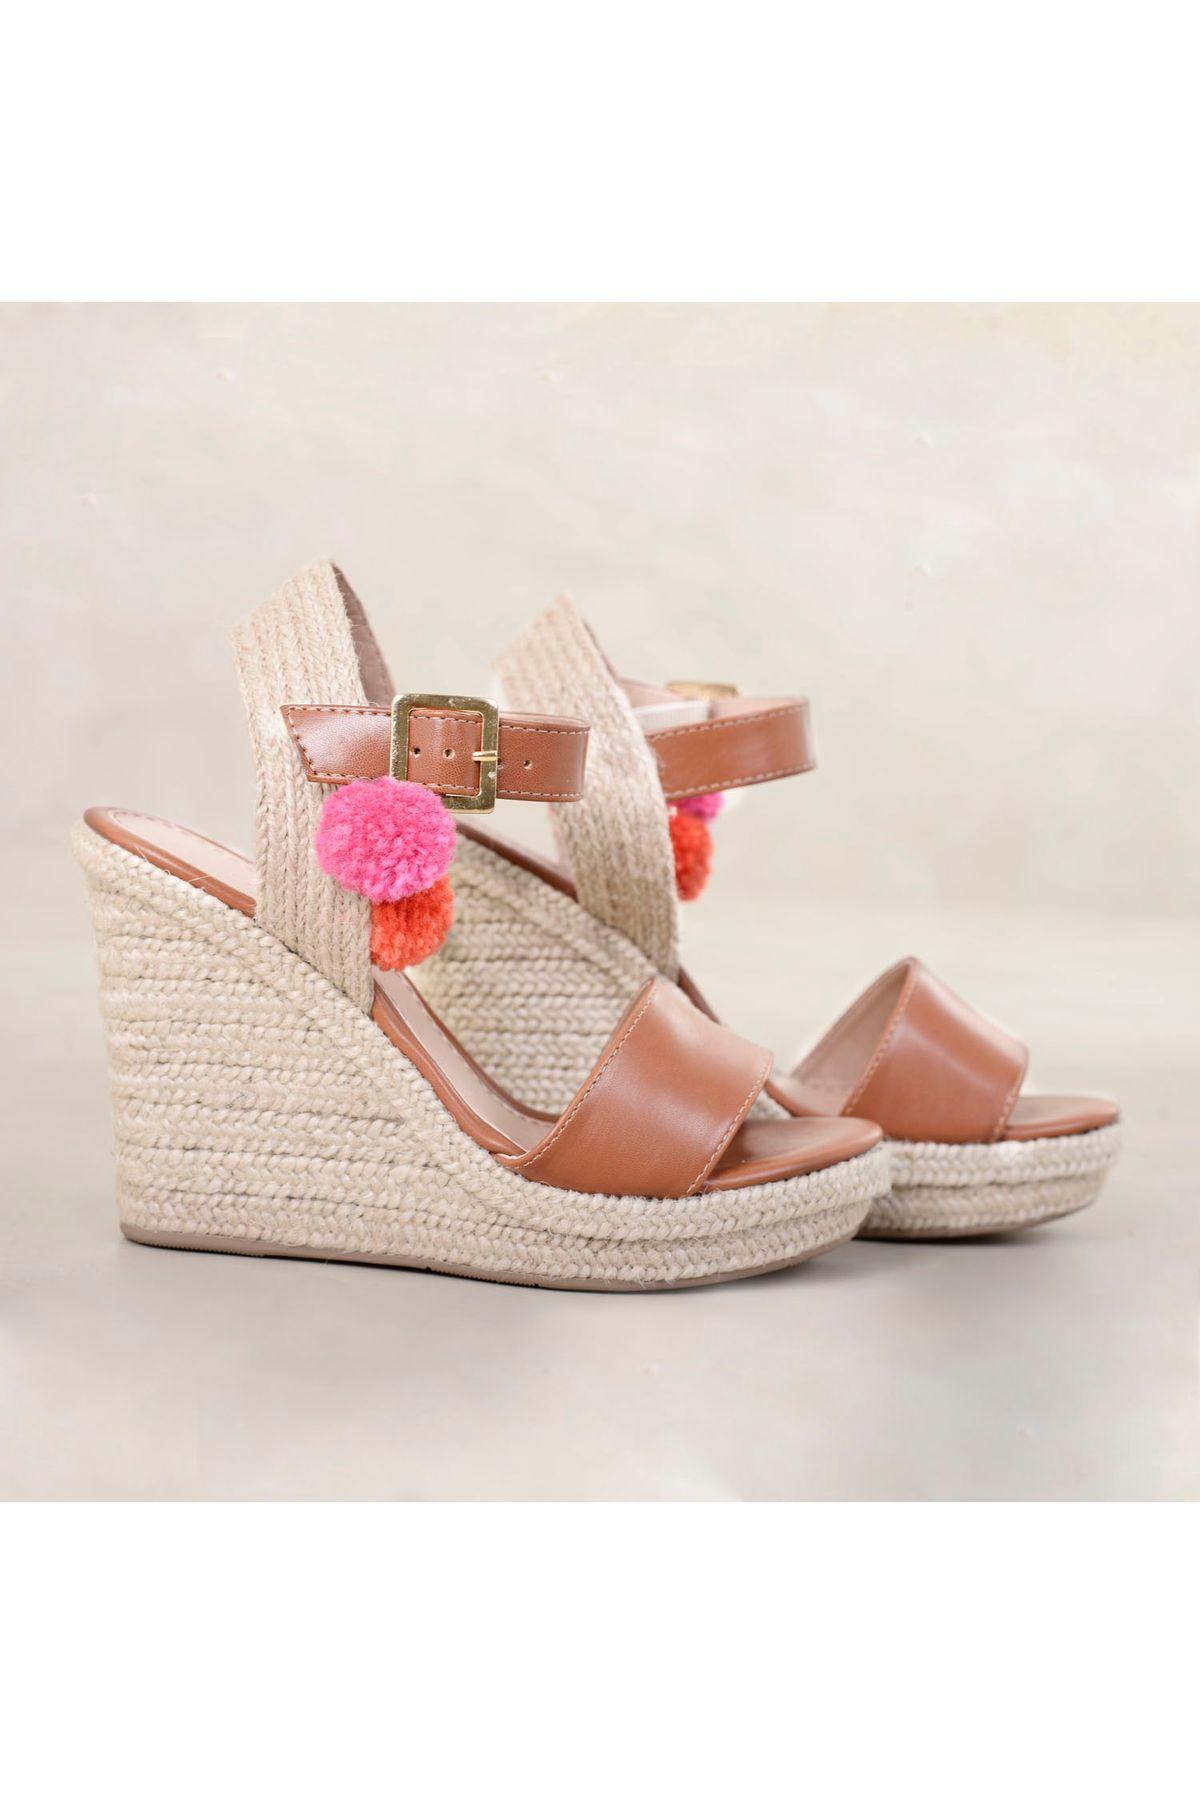 ee6e31091 Sandália Anabela Lafosca Damaris   Mundial Calçados - Mundial Calçados